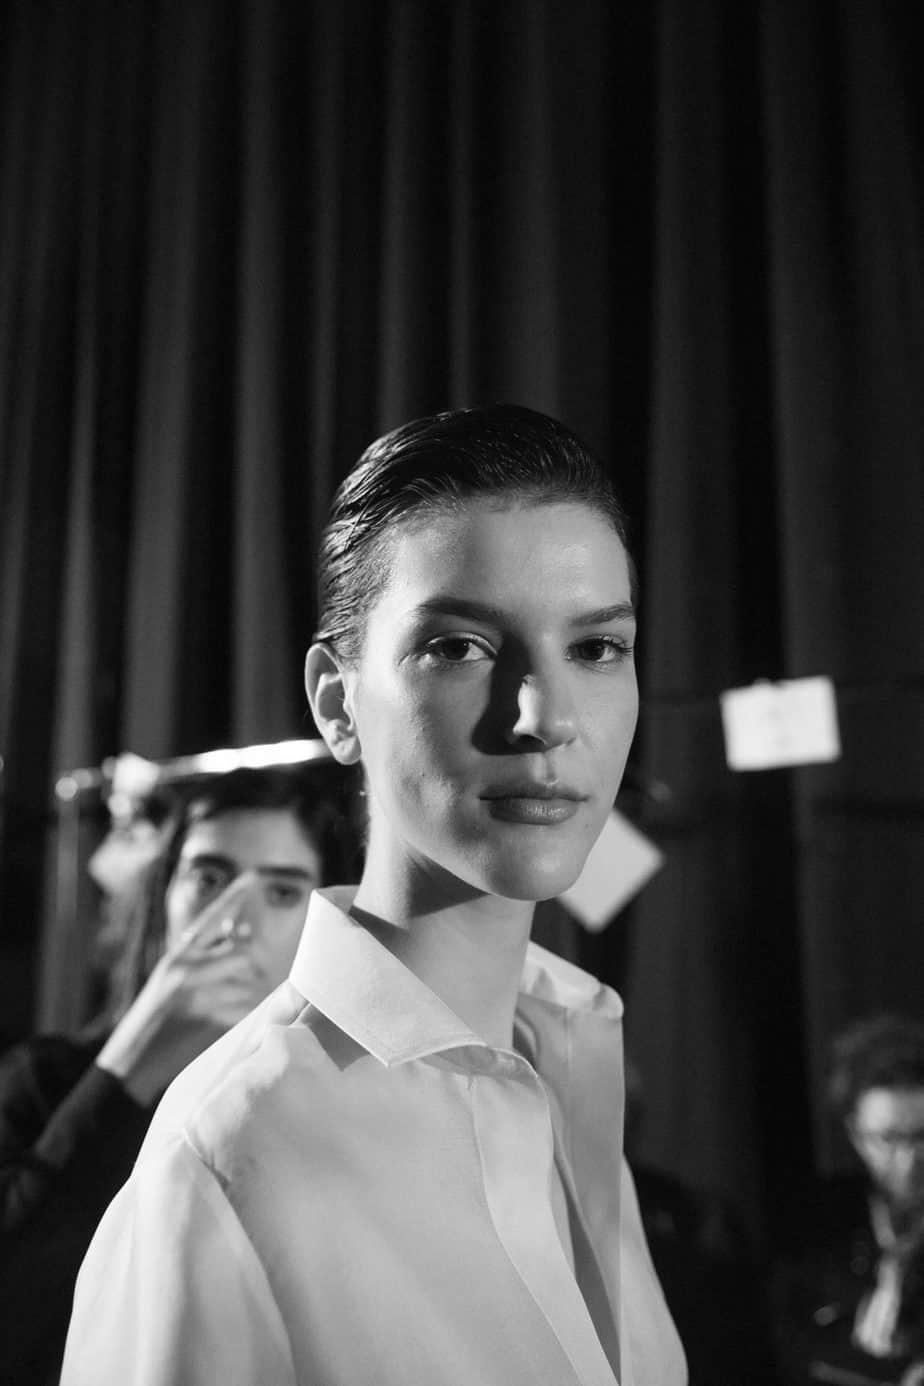 שבוע האופנה תל אביב 2019. צילום עומר קפלן - 8